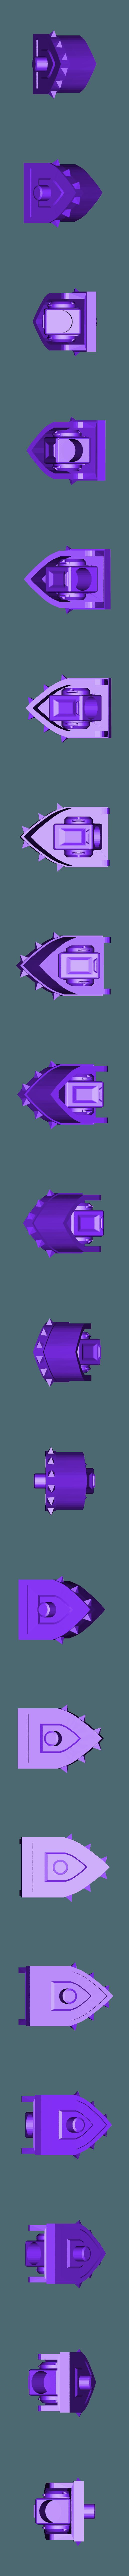 Penny 2.0 Shoulder3.stl Download STL file Penny Nun Bot 2.0 • 3D print model, Leesedrenfort